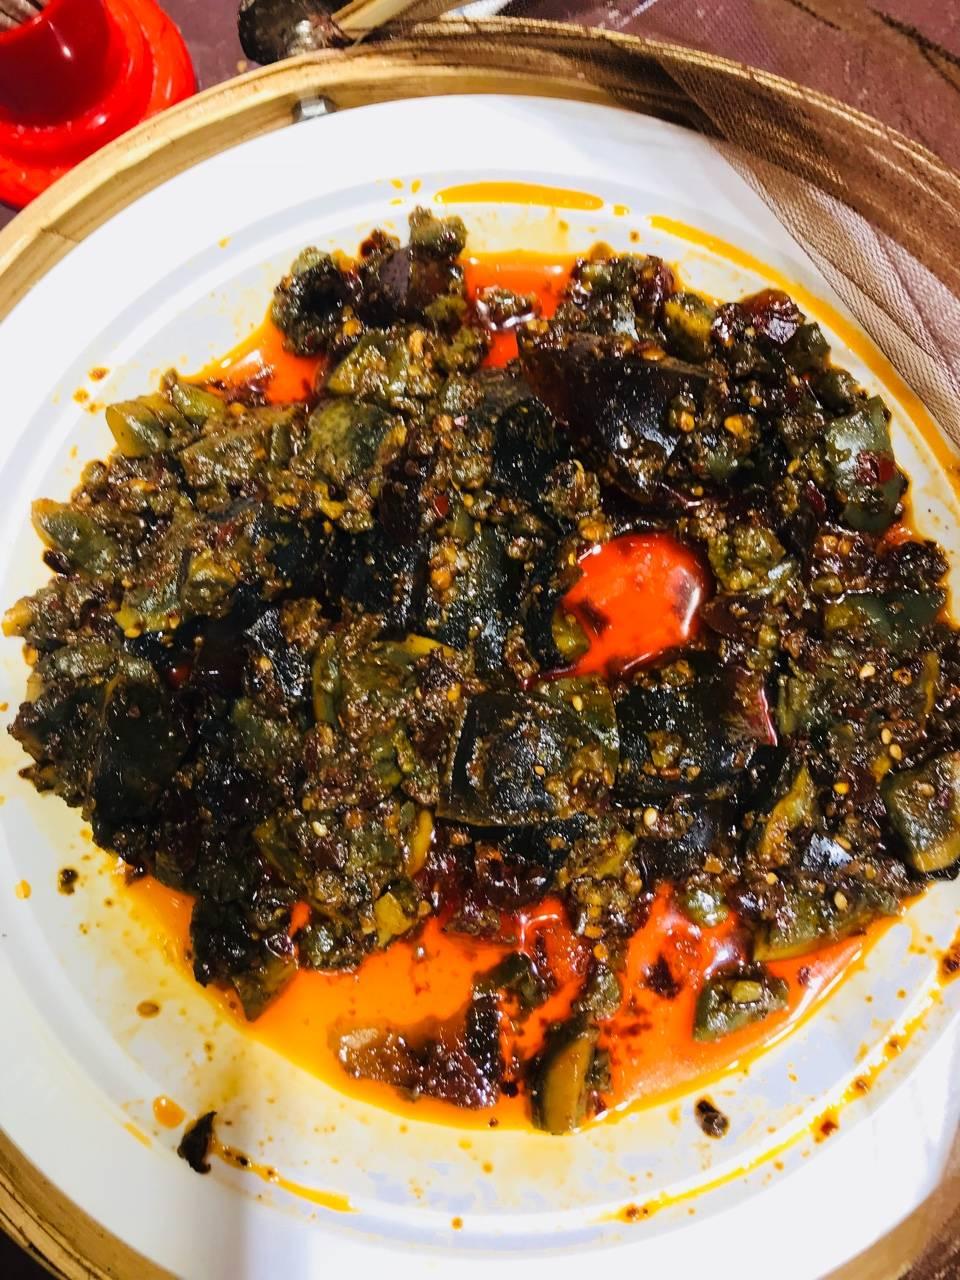 香港美食美食节免费品尝青衣美食餐厅广州新加坡图片